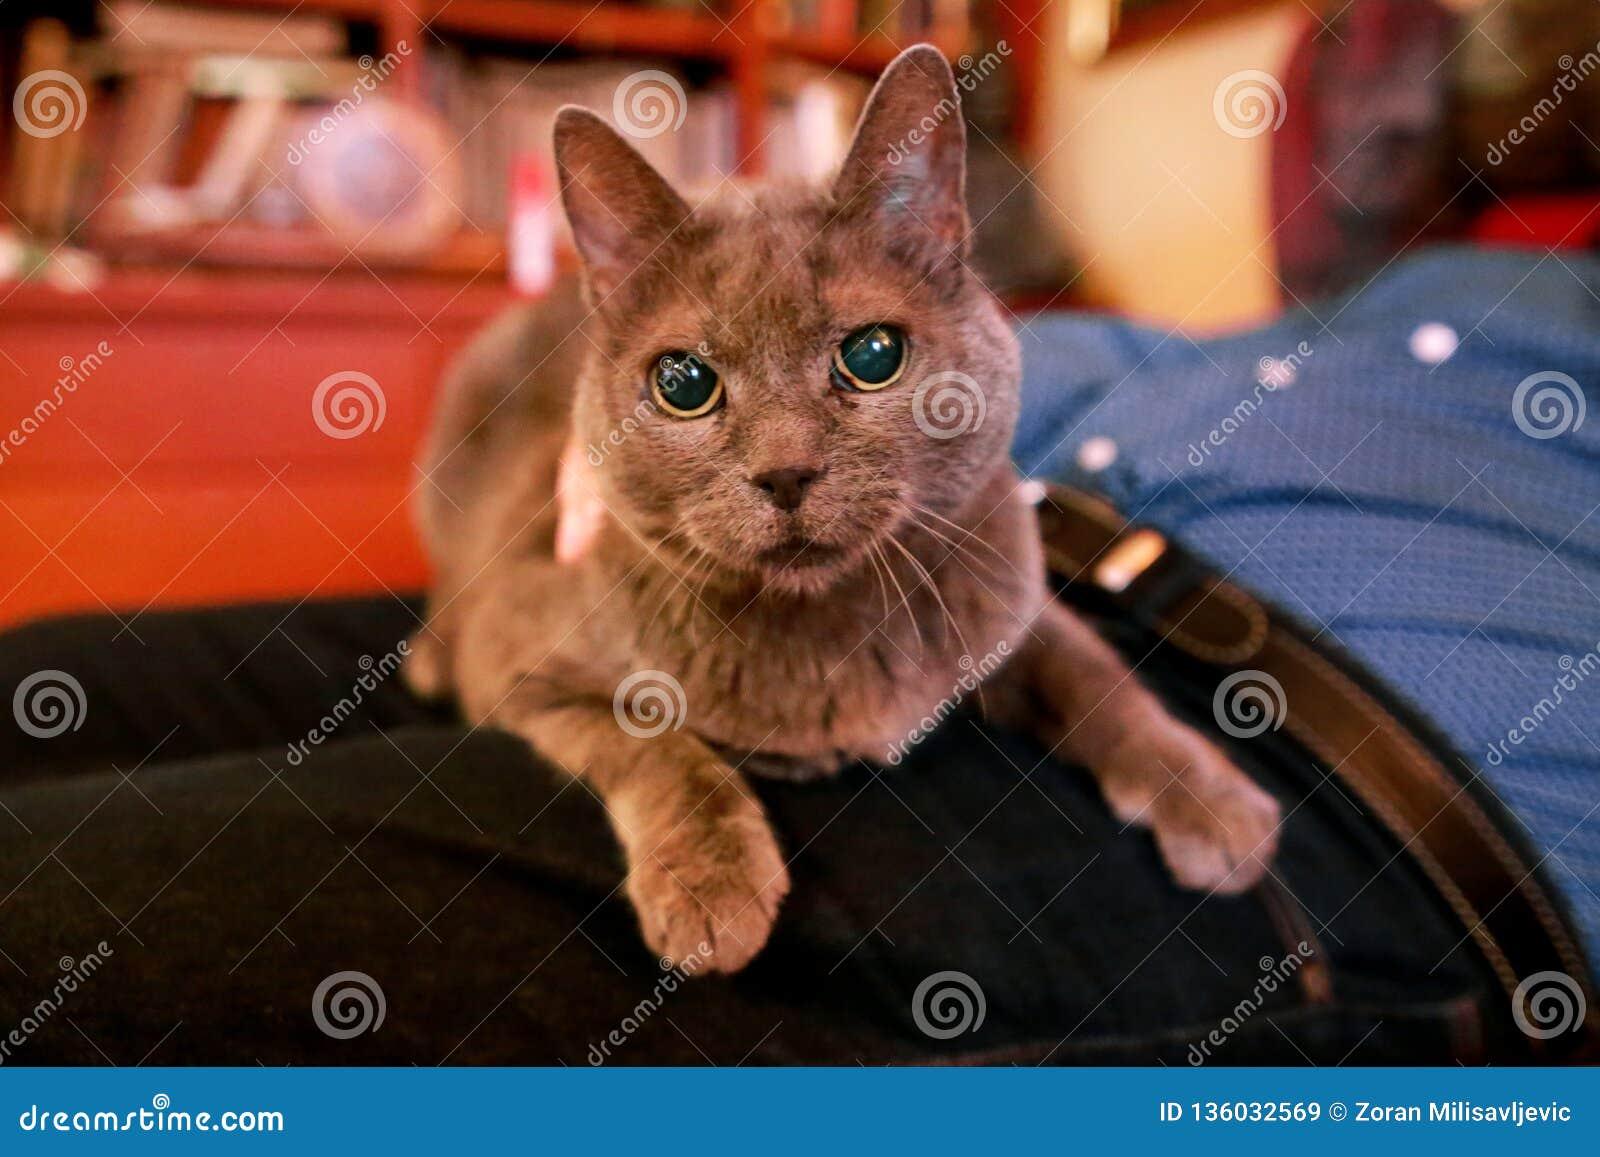 Gato ruso azul que se relaja, mintiendo y gozando siendo abrazado, cuidando en exceso y ronroneando en su dueño del revestimiento